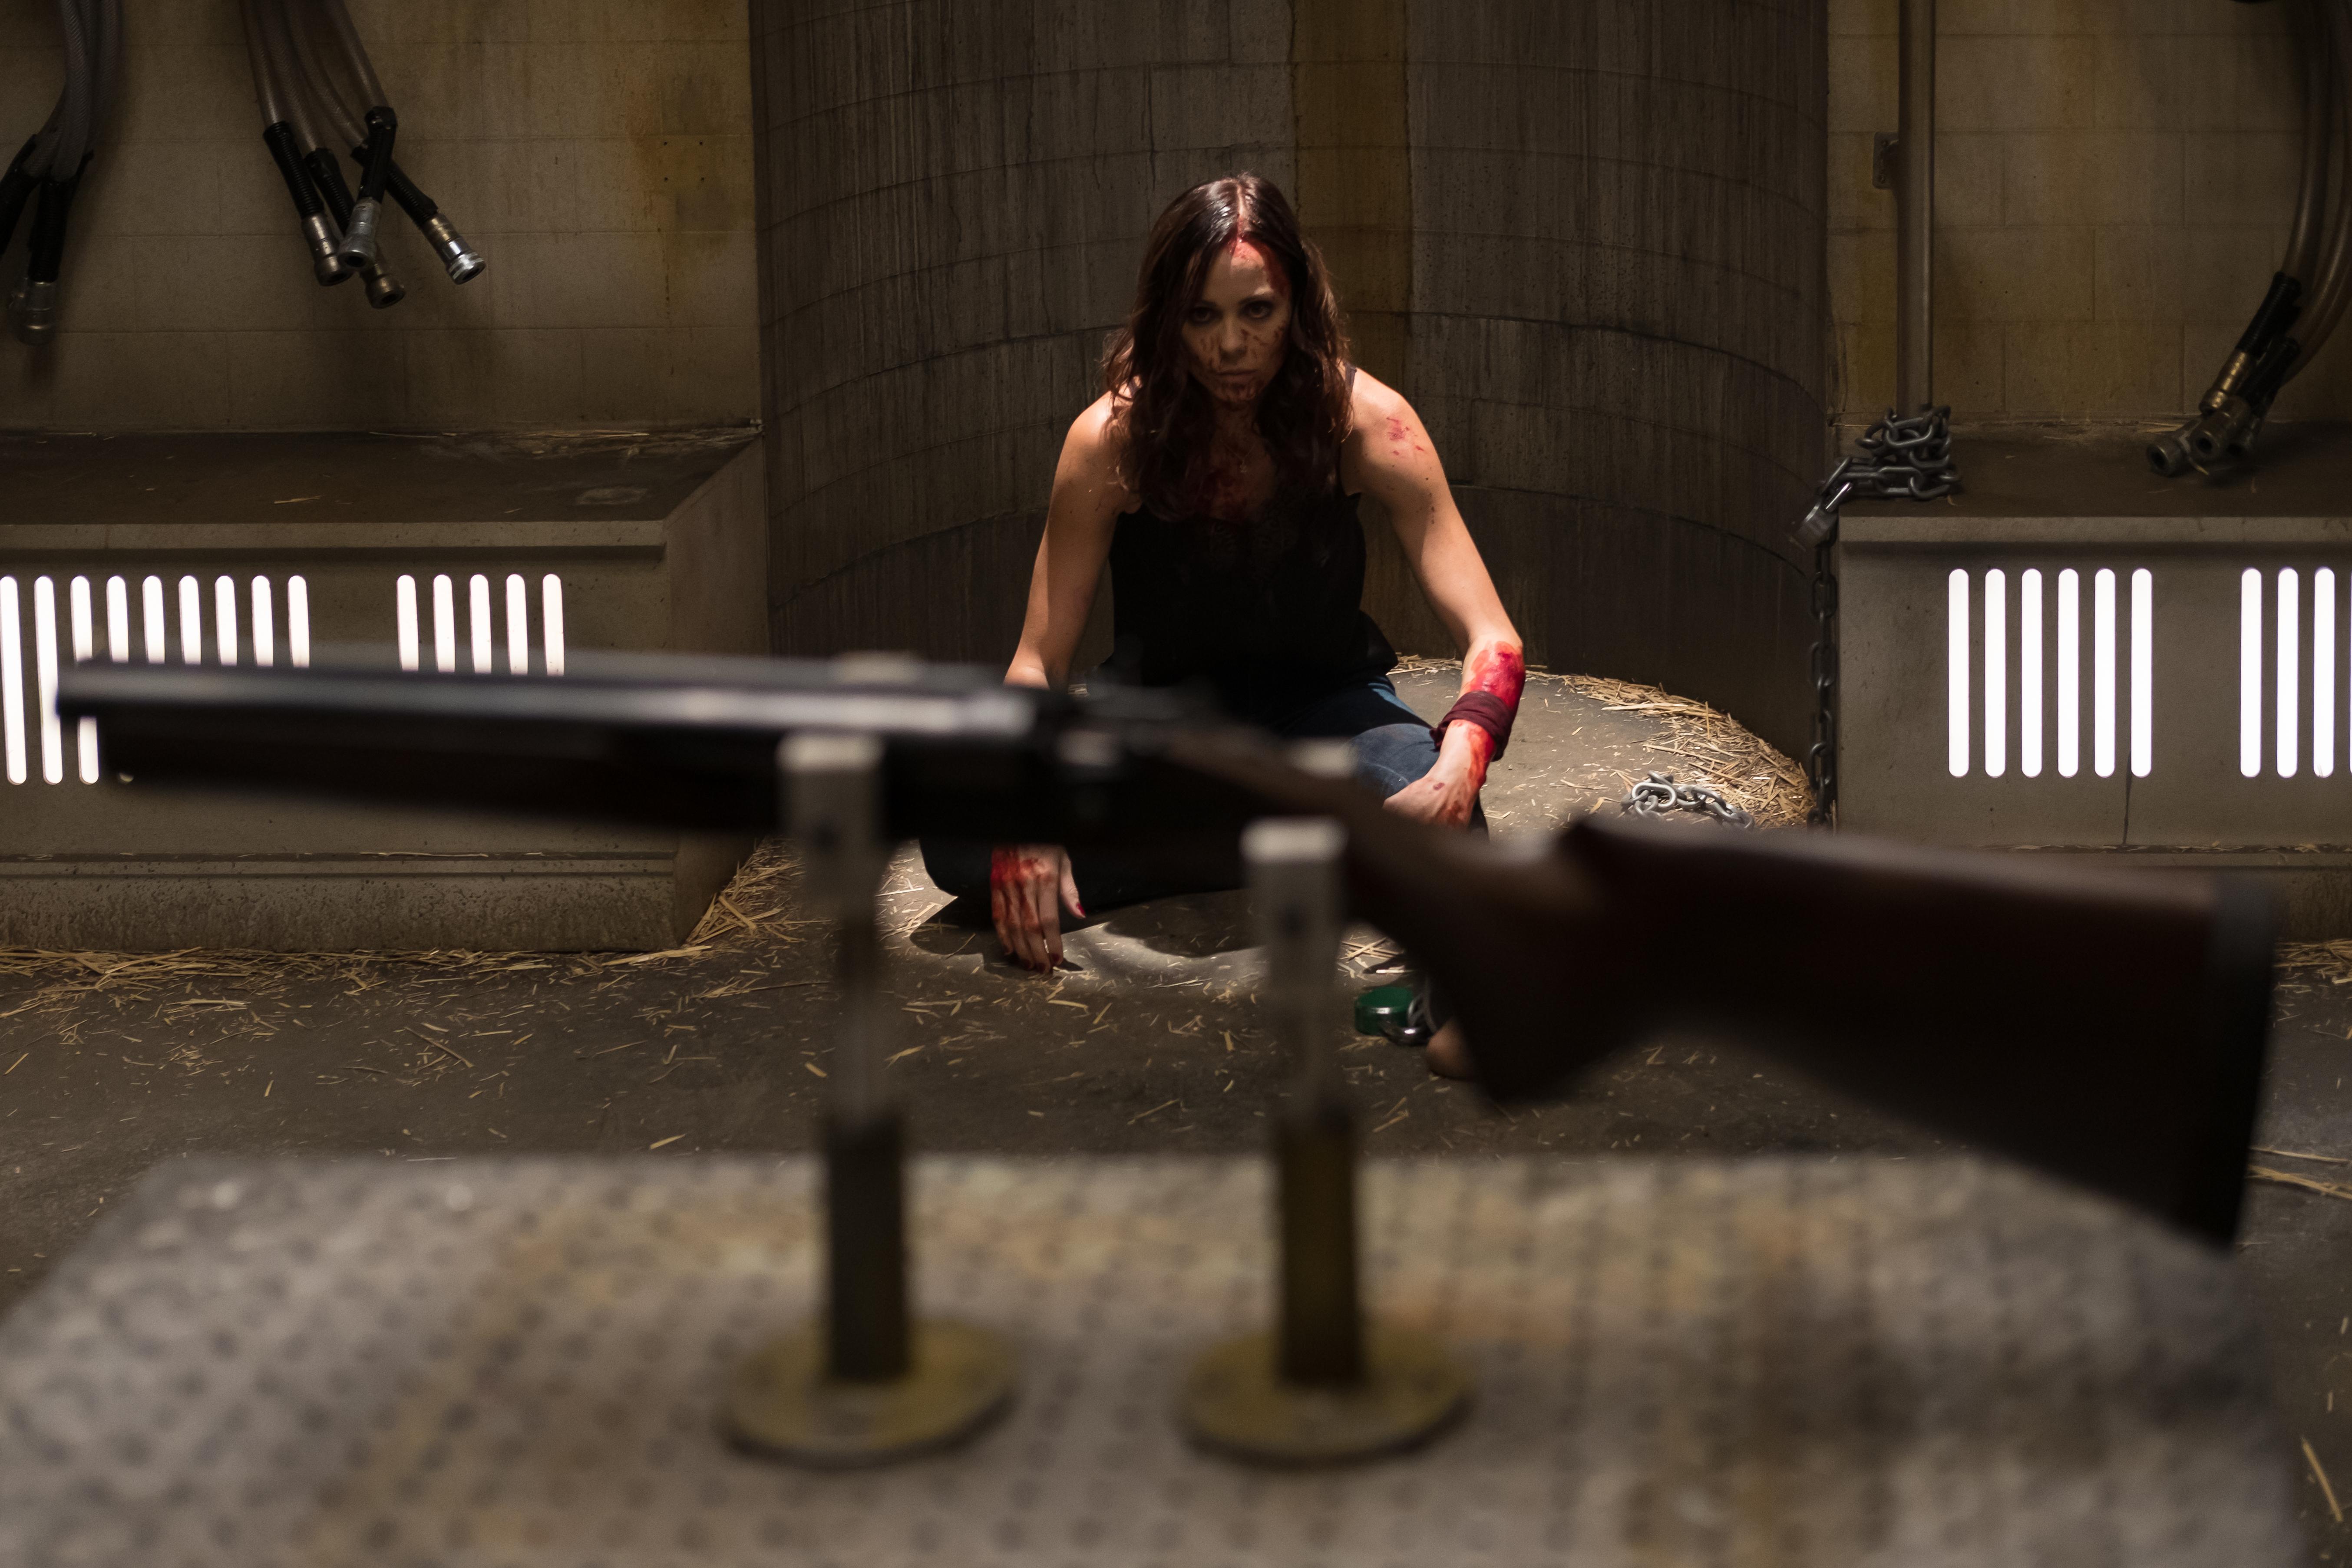 Imagem de Jogos Mortais: Jigsaw, que mostra uma das vítimas de John Kramer, ao fundo, olhando para uma espingarda em primeiro plano.